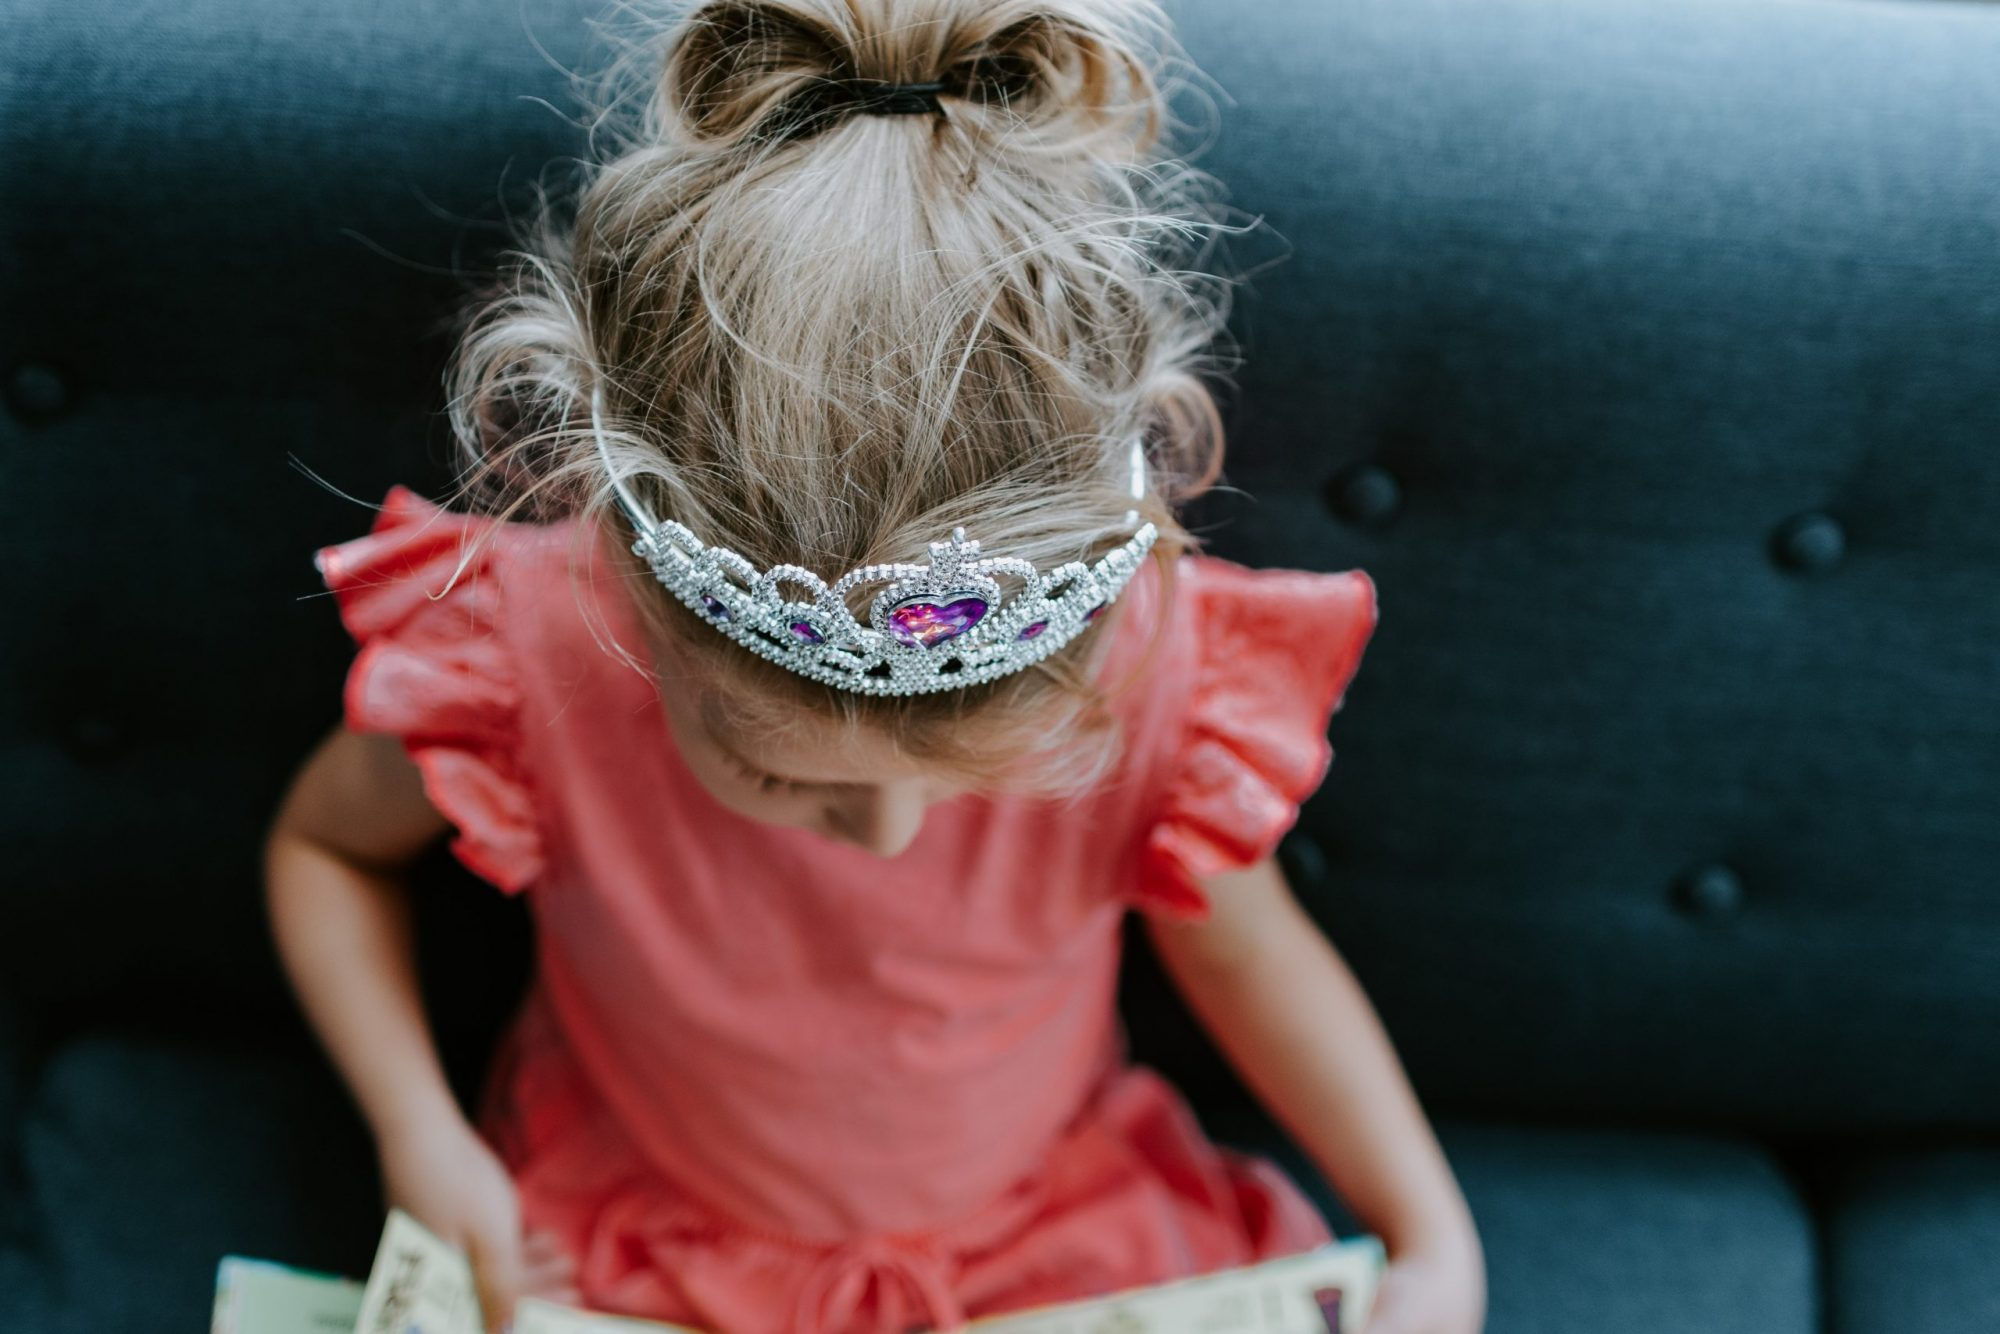 Lastenpsykiatrin mukaan lapsikin osaa käyttää valtaa- lapsi kahden kodin valtiaana